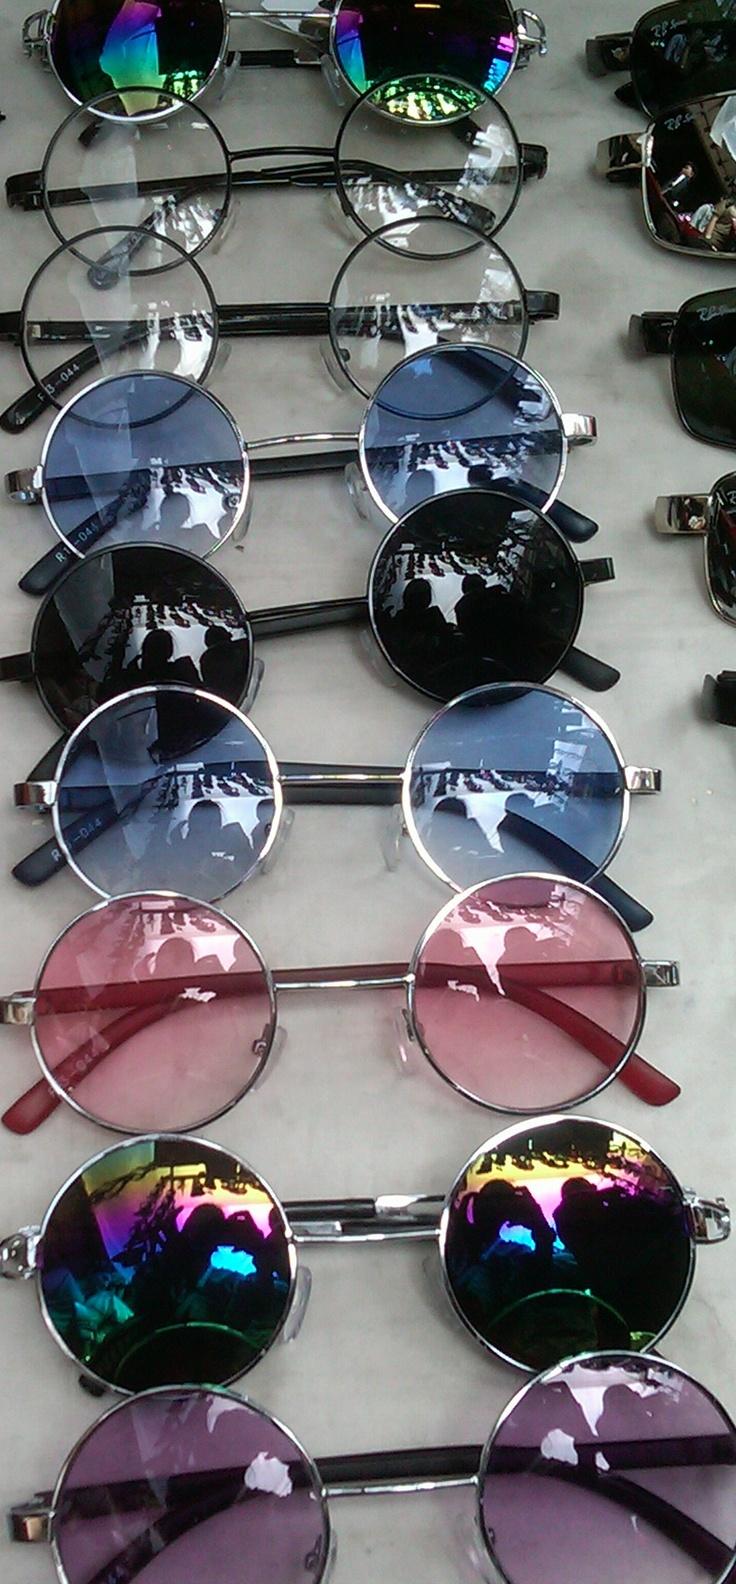 John Lennon Glasses IDR 45,000 (normal price : IDR 50,000)